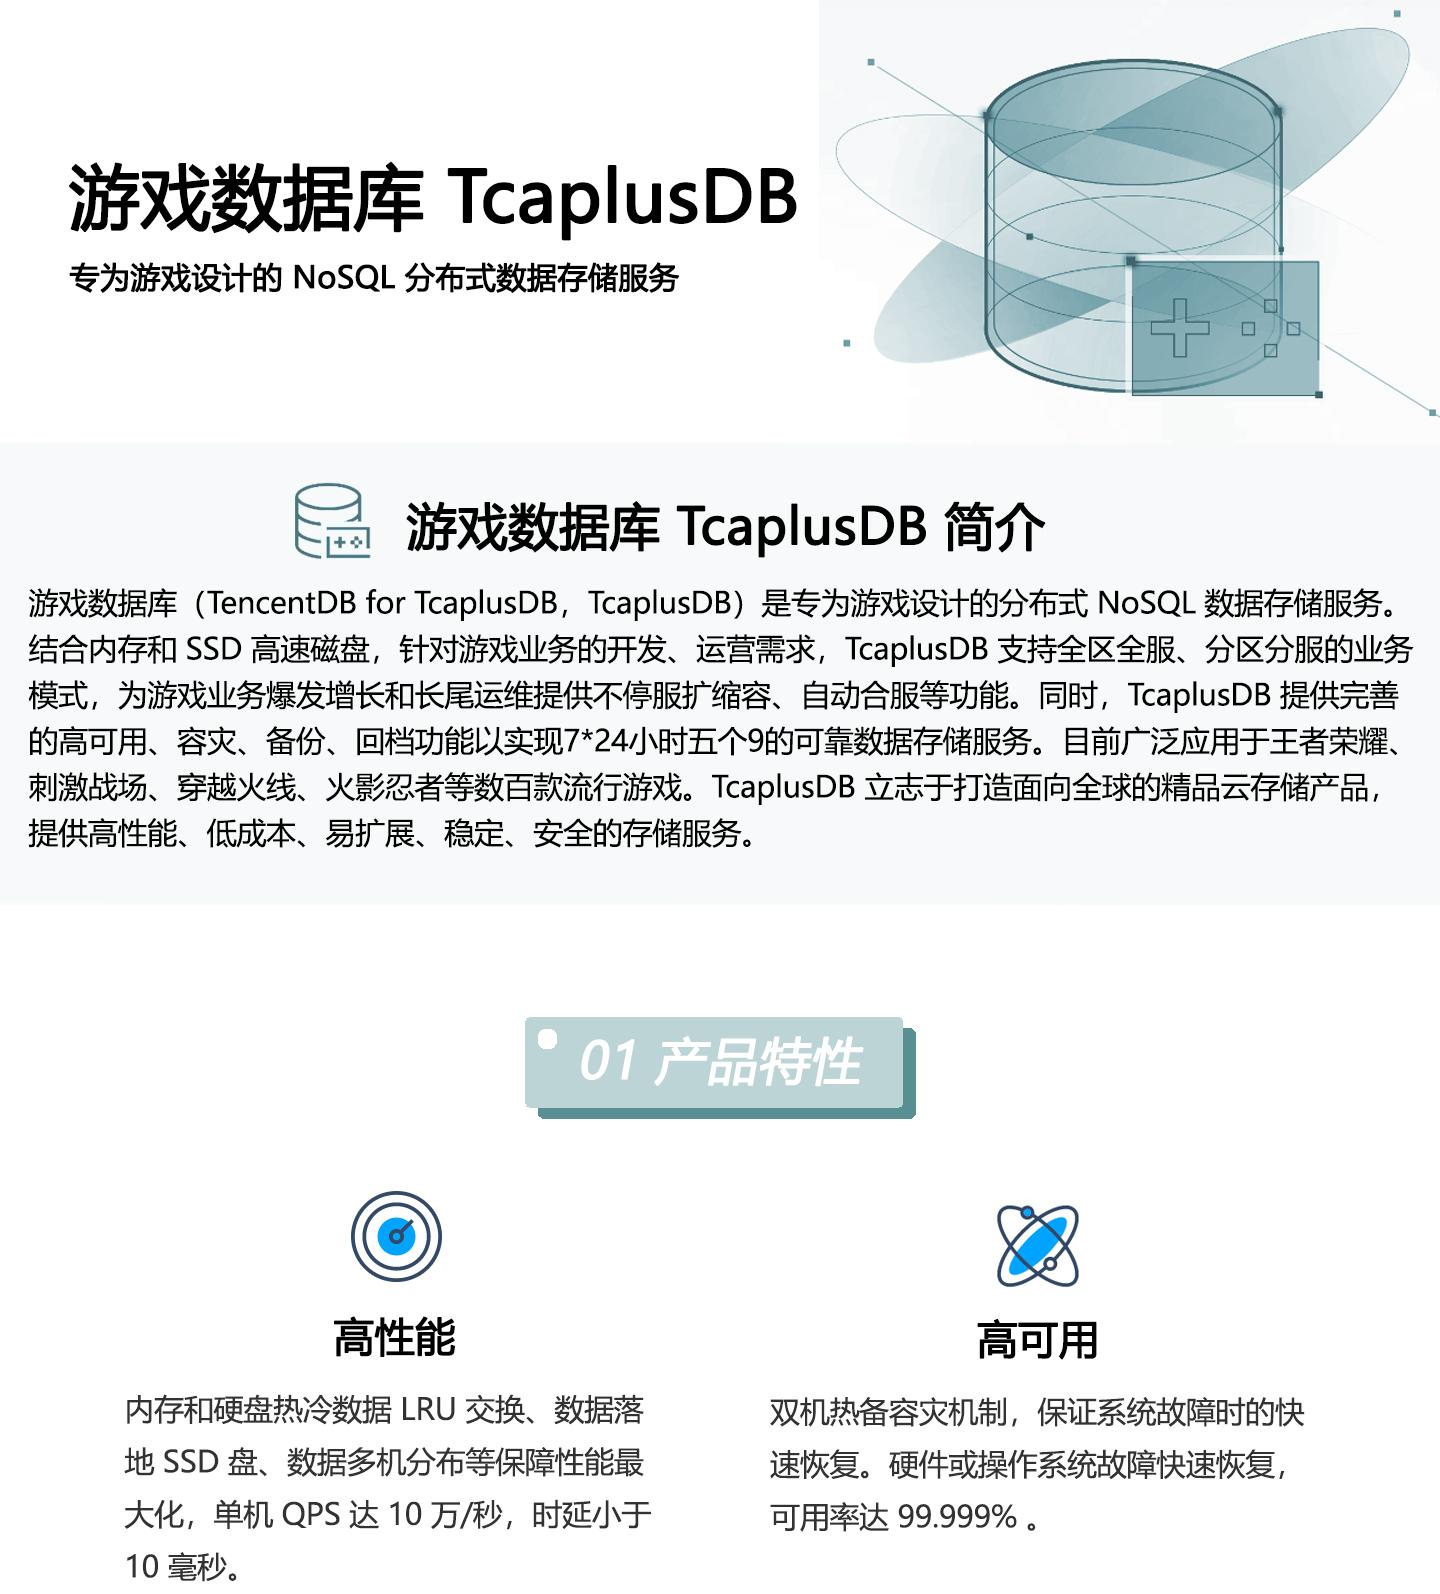 游戏数据库-TcaplusDB-1440_01.jpg